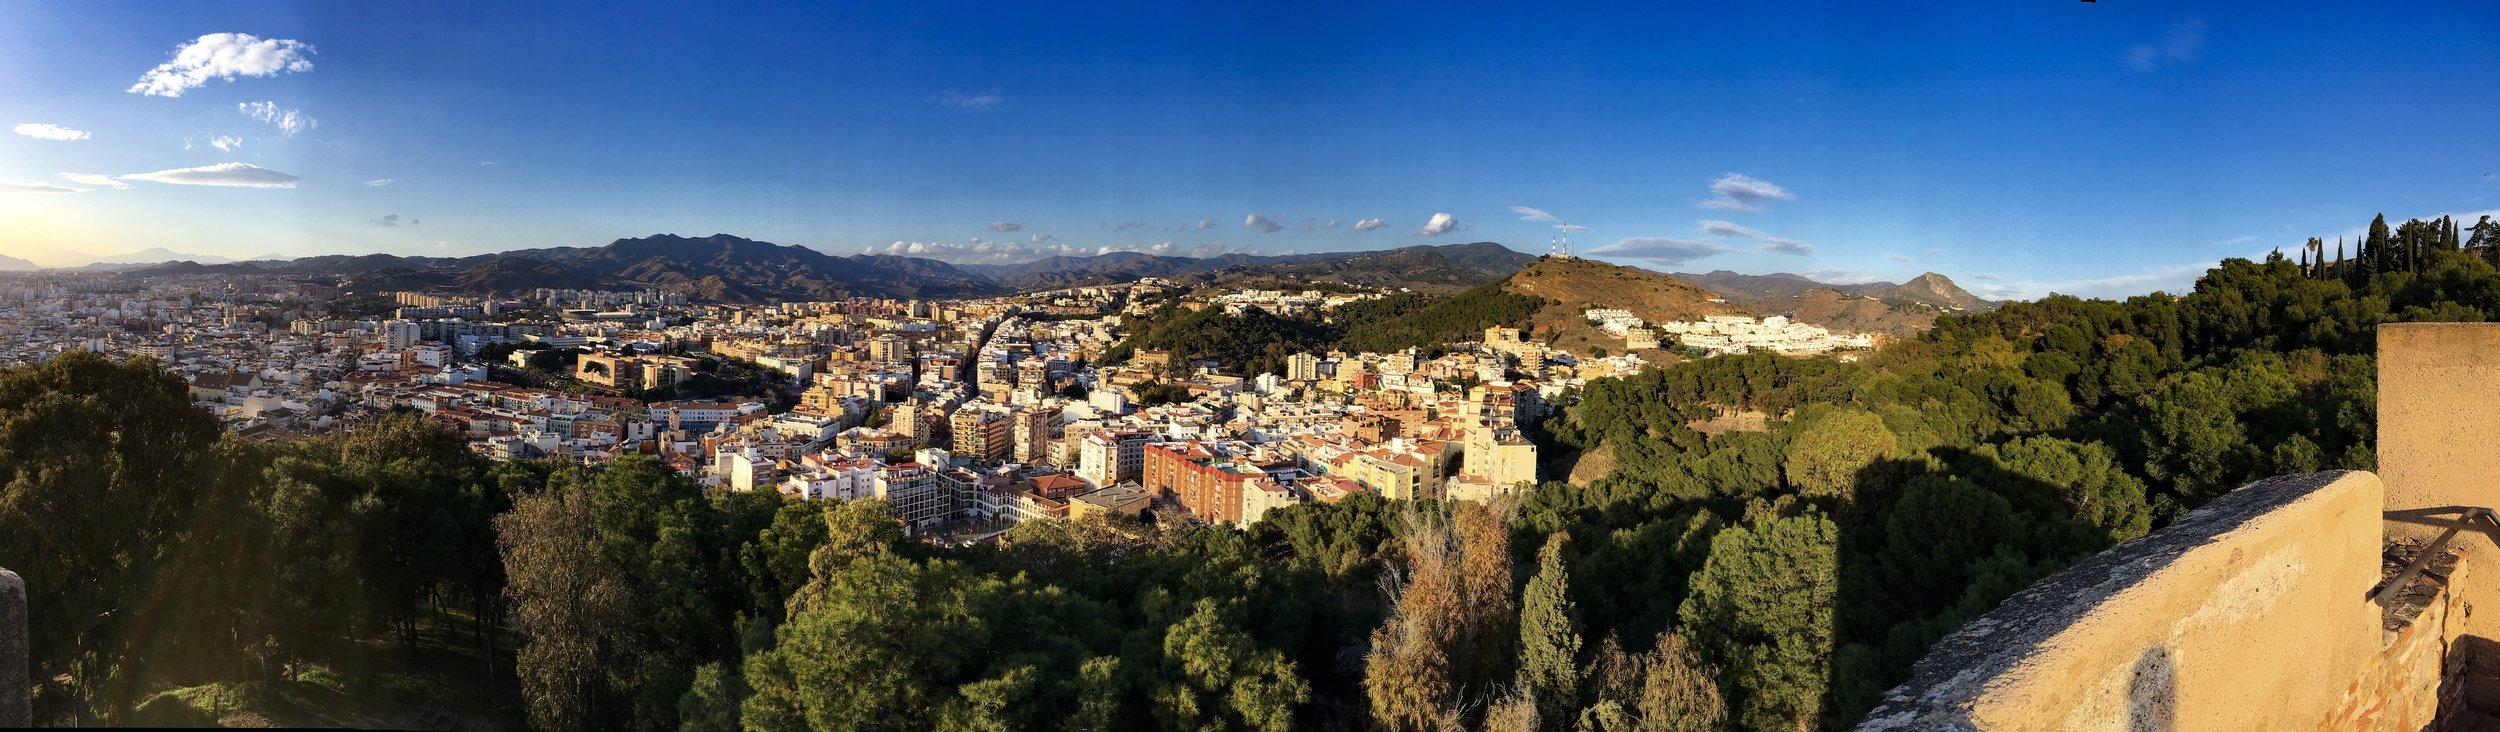 Málaga view from Gibralfaro Castle